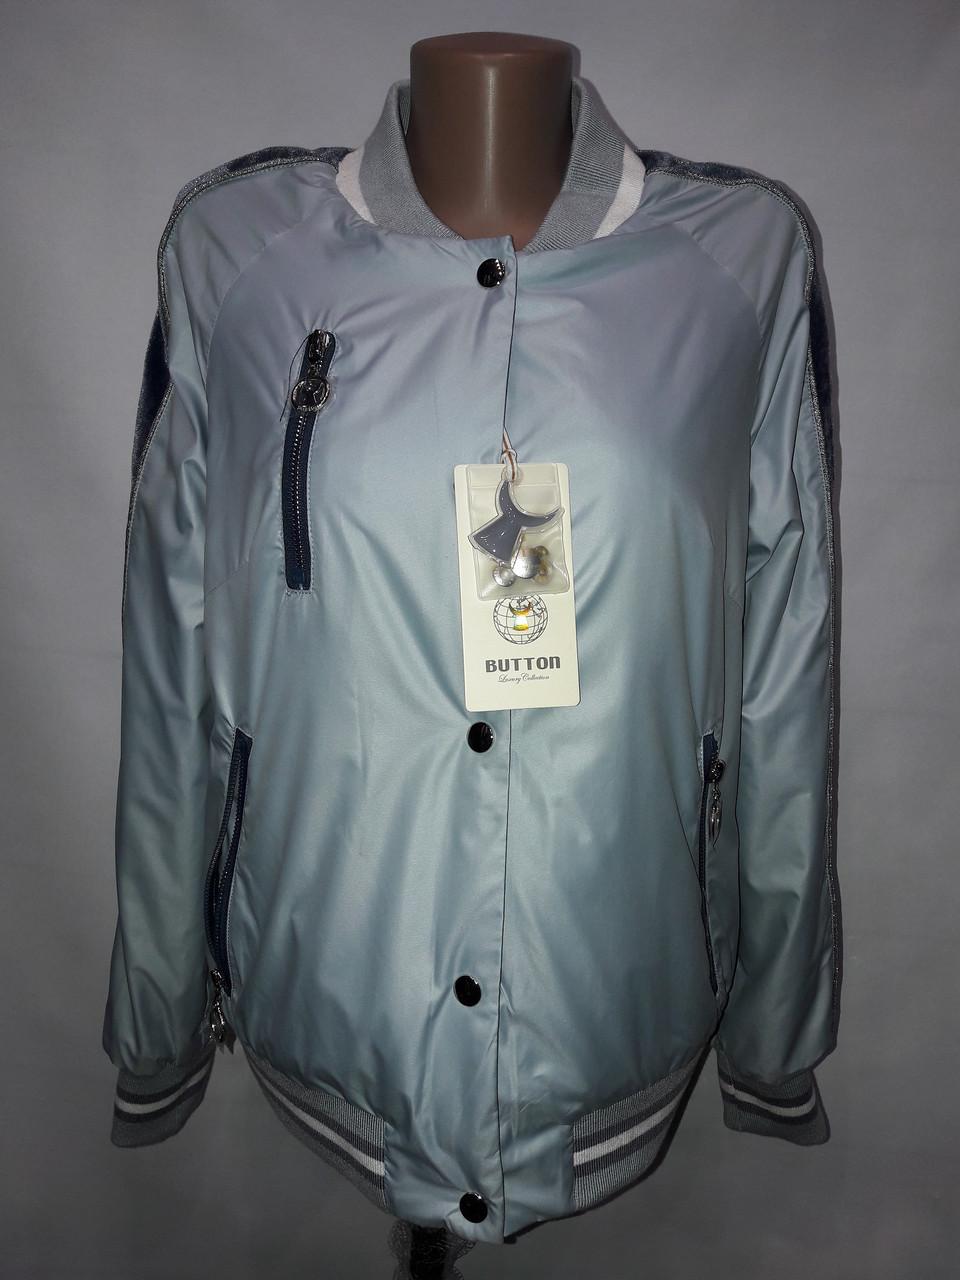 """""""Button"""", демисезонная куртка(бомбер) 56-533 серая"""